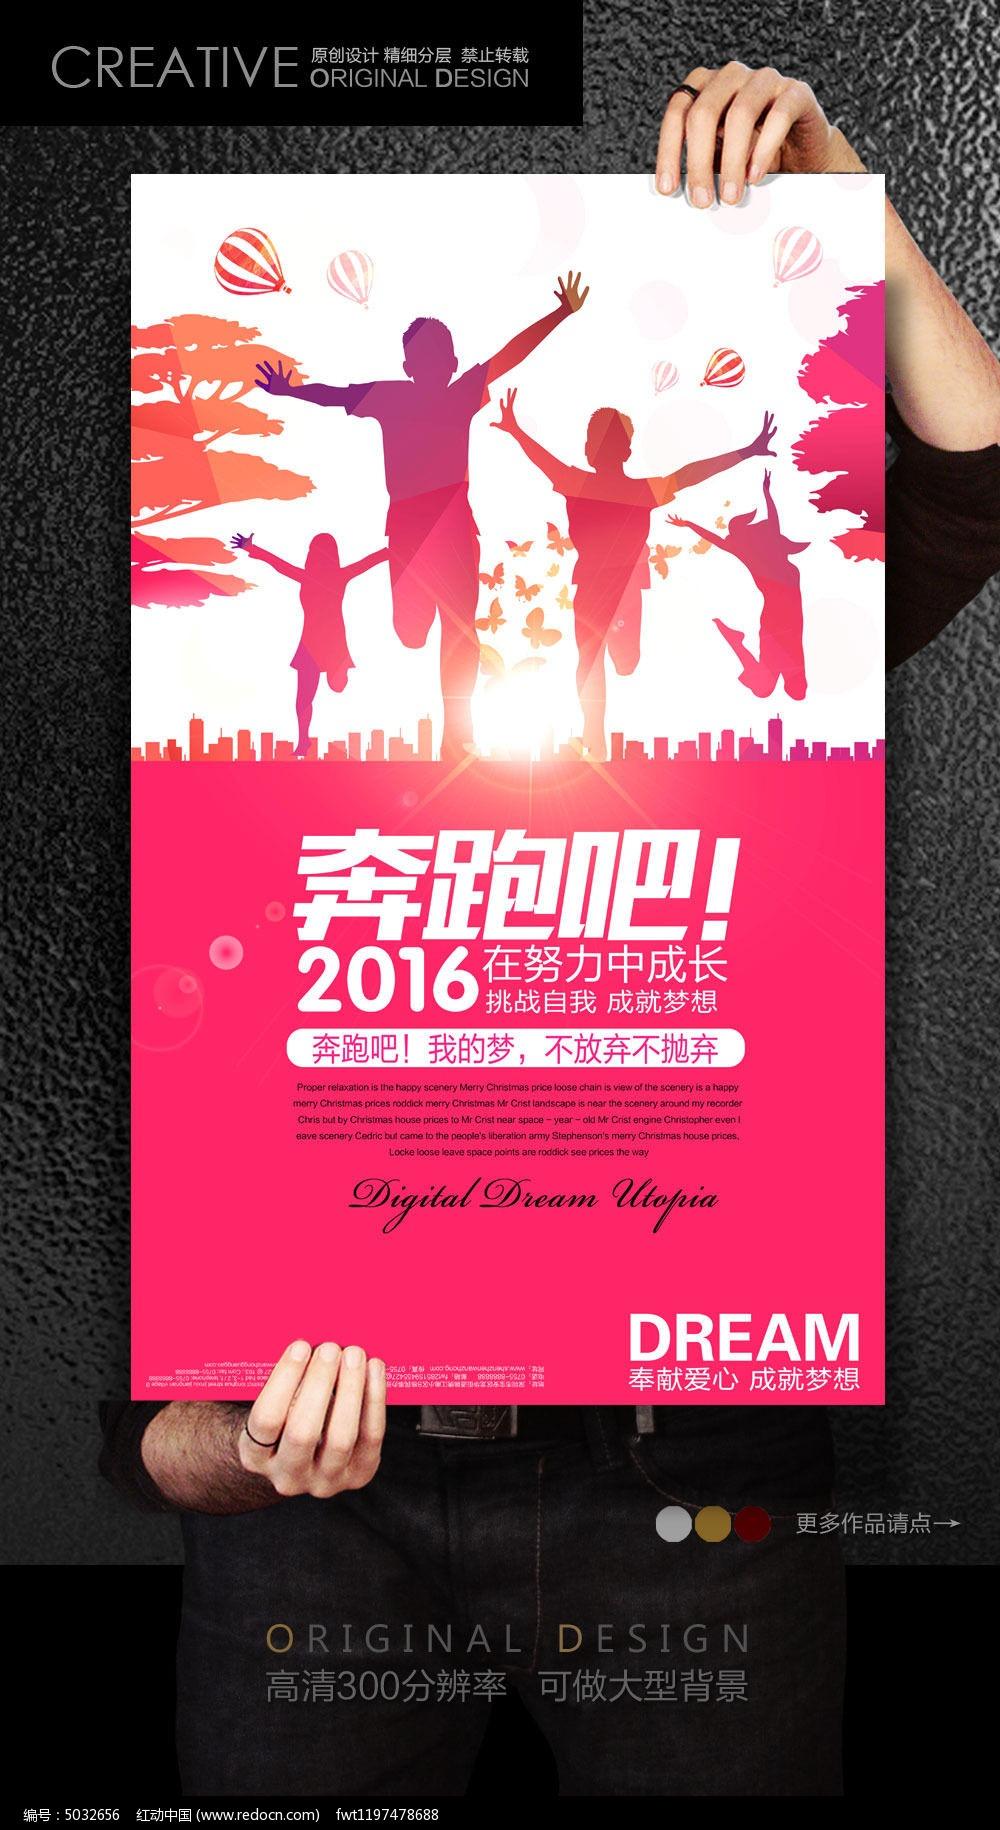 奔跑吧2016梦想篇海报设计图片